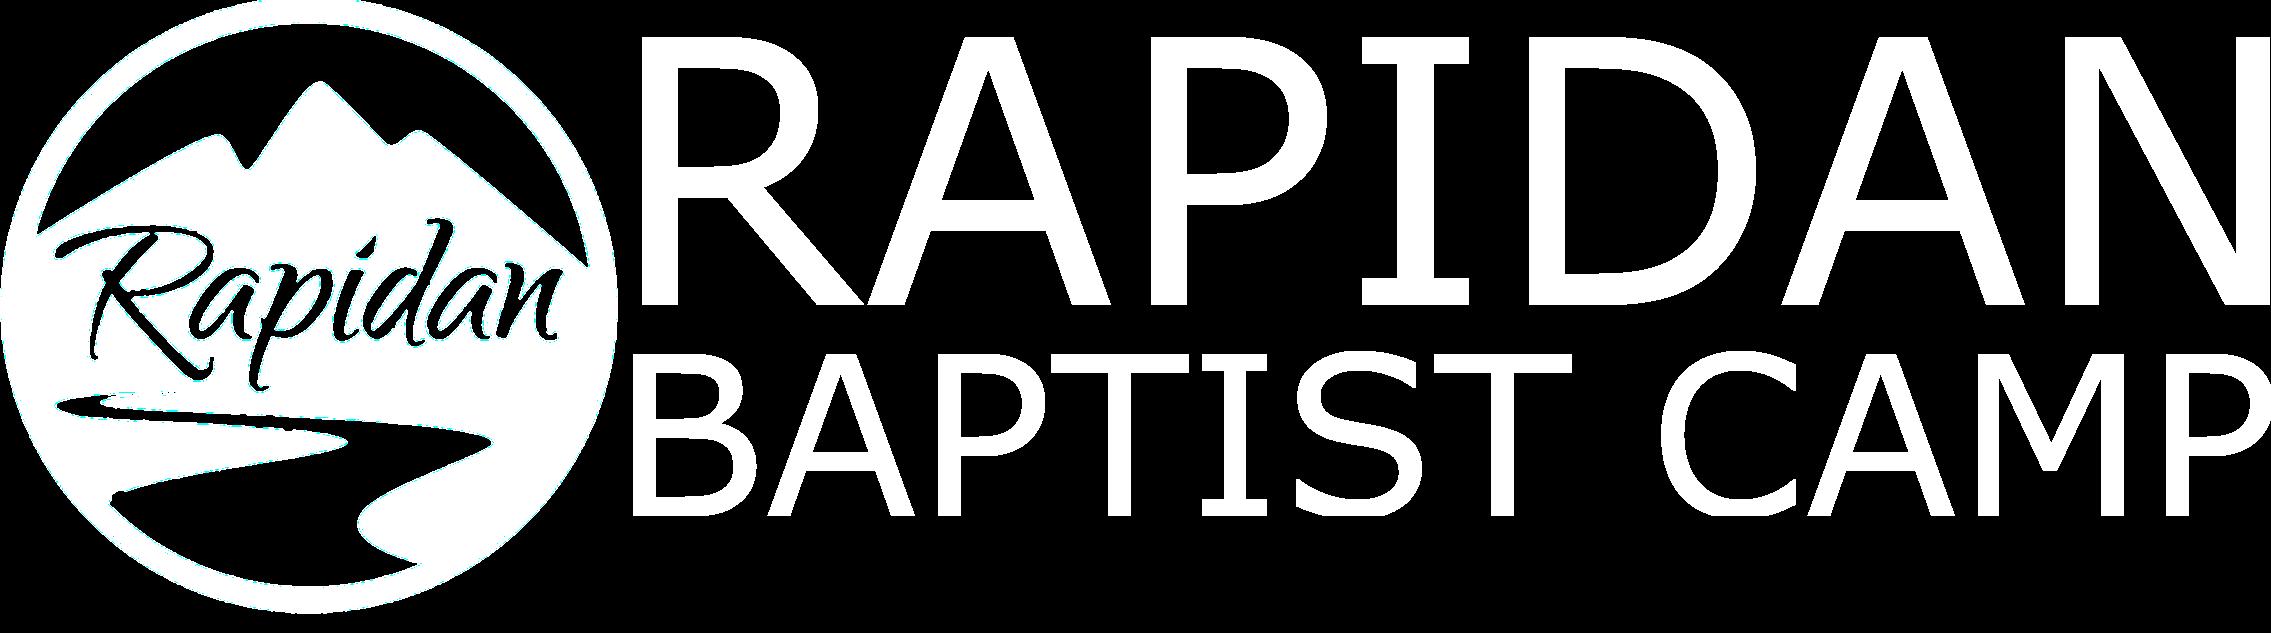 Camp Rapidan